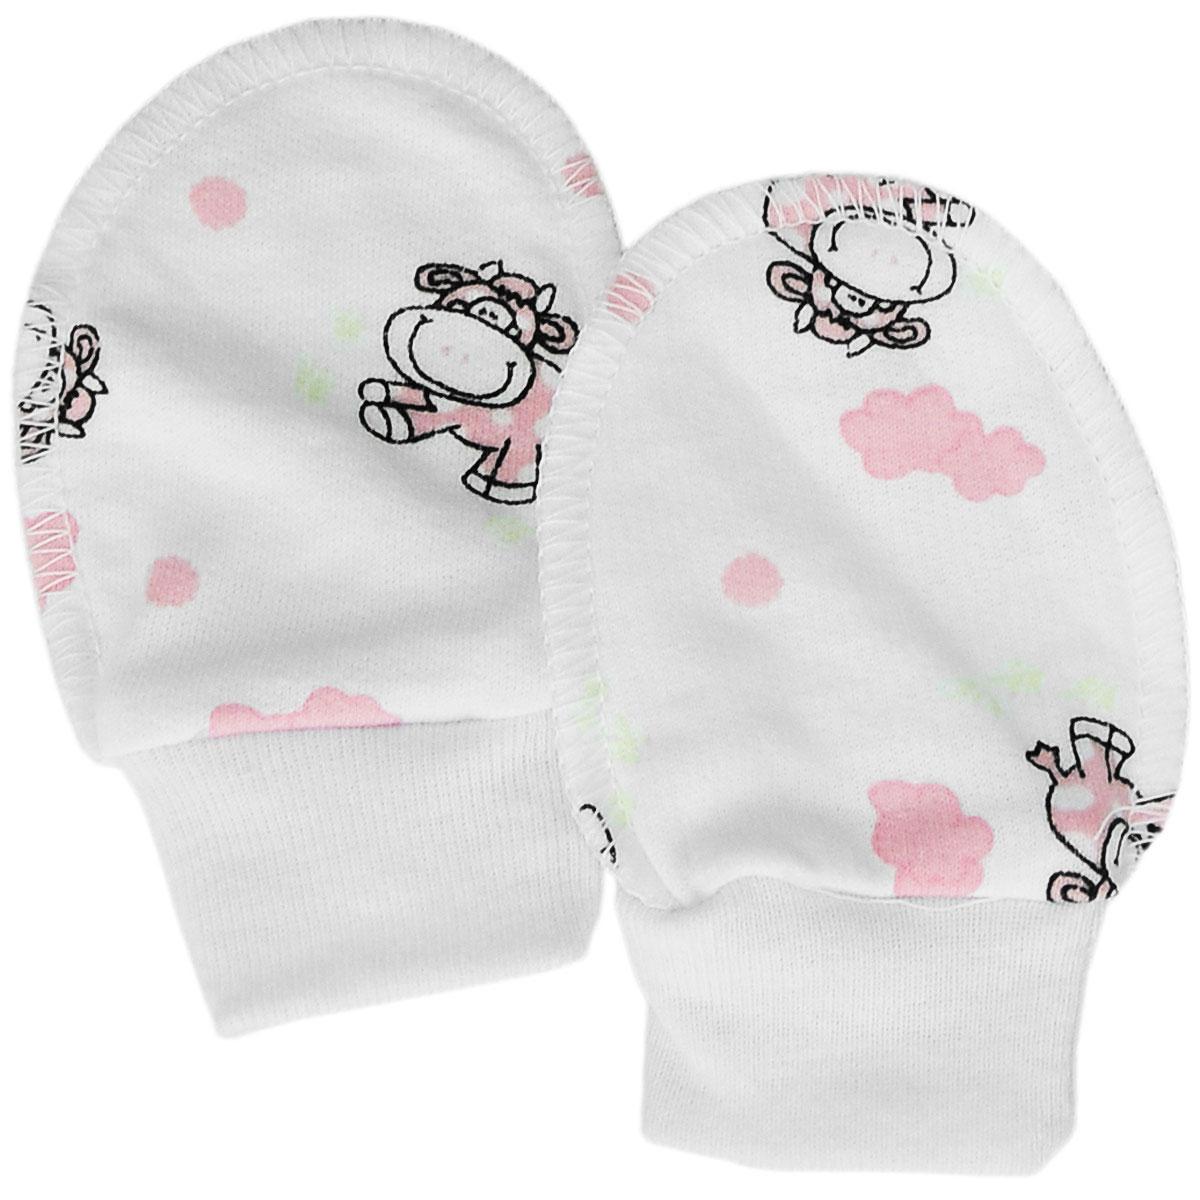 Рукавички для новорожденного Трон-Плюс, цвет: белый, розовый, рисунок коровы. 5907. Размер 62, 3 месяца5907Теплые рукавички для новорожденного Трон-плюс обеспечат вашему младенцу комфорт во время сна и бодрствования, предохраняя его нежную кожу от расцарапывания. Широкие эластичные манжеты не будут пережимать ручку. Изготовленные из натурального хлопка, они необычайно мягкие и легкие, не раздражают нежную кожу ребенка и хорошо вентилируются, а эластичные швы, выполненную наружу, обеспечивают максимальный комфорт ребенку и не препятствуют его движениям.Рукавички сделают сон вашего малыша спокойным и безопасным.